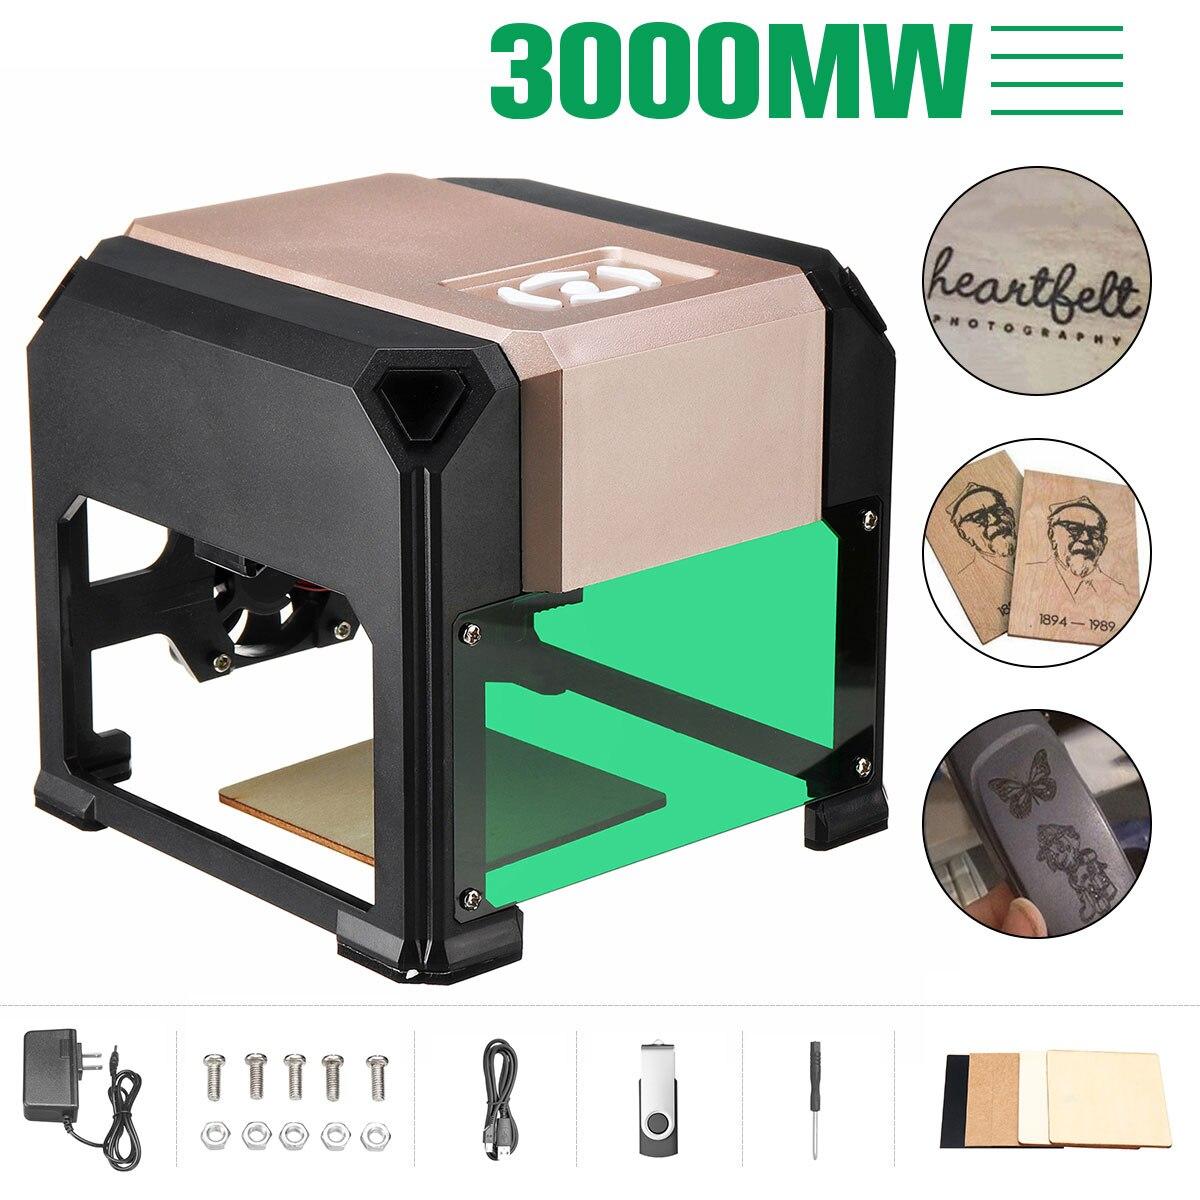 2000/3000 mw usb desktop máquina de gravação a laser diy logotipo marca impressora cortador cnc máquina escultura a laser 80x80mm faixa gravura